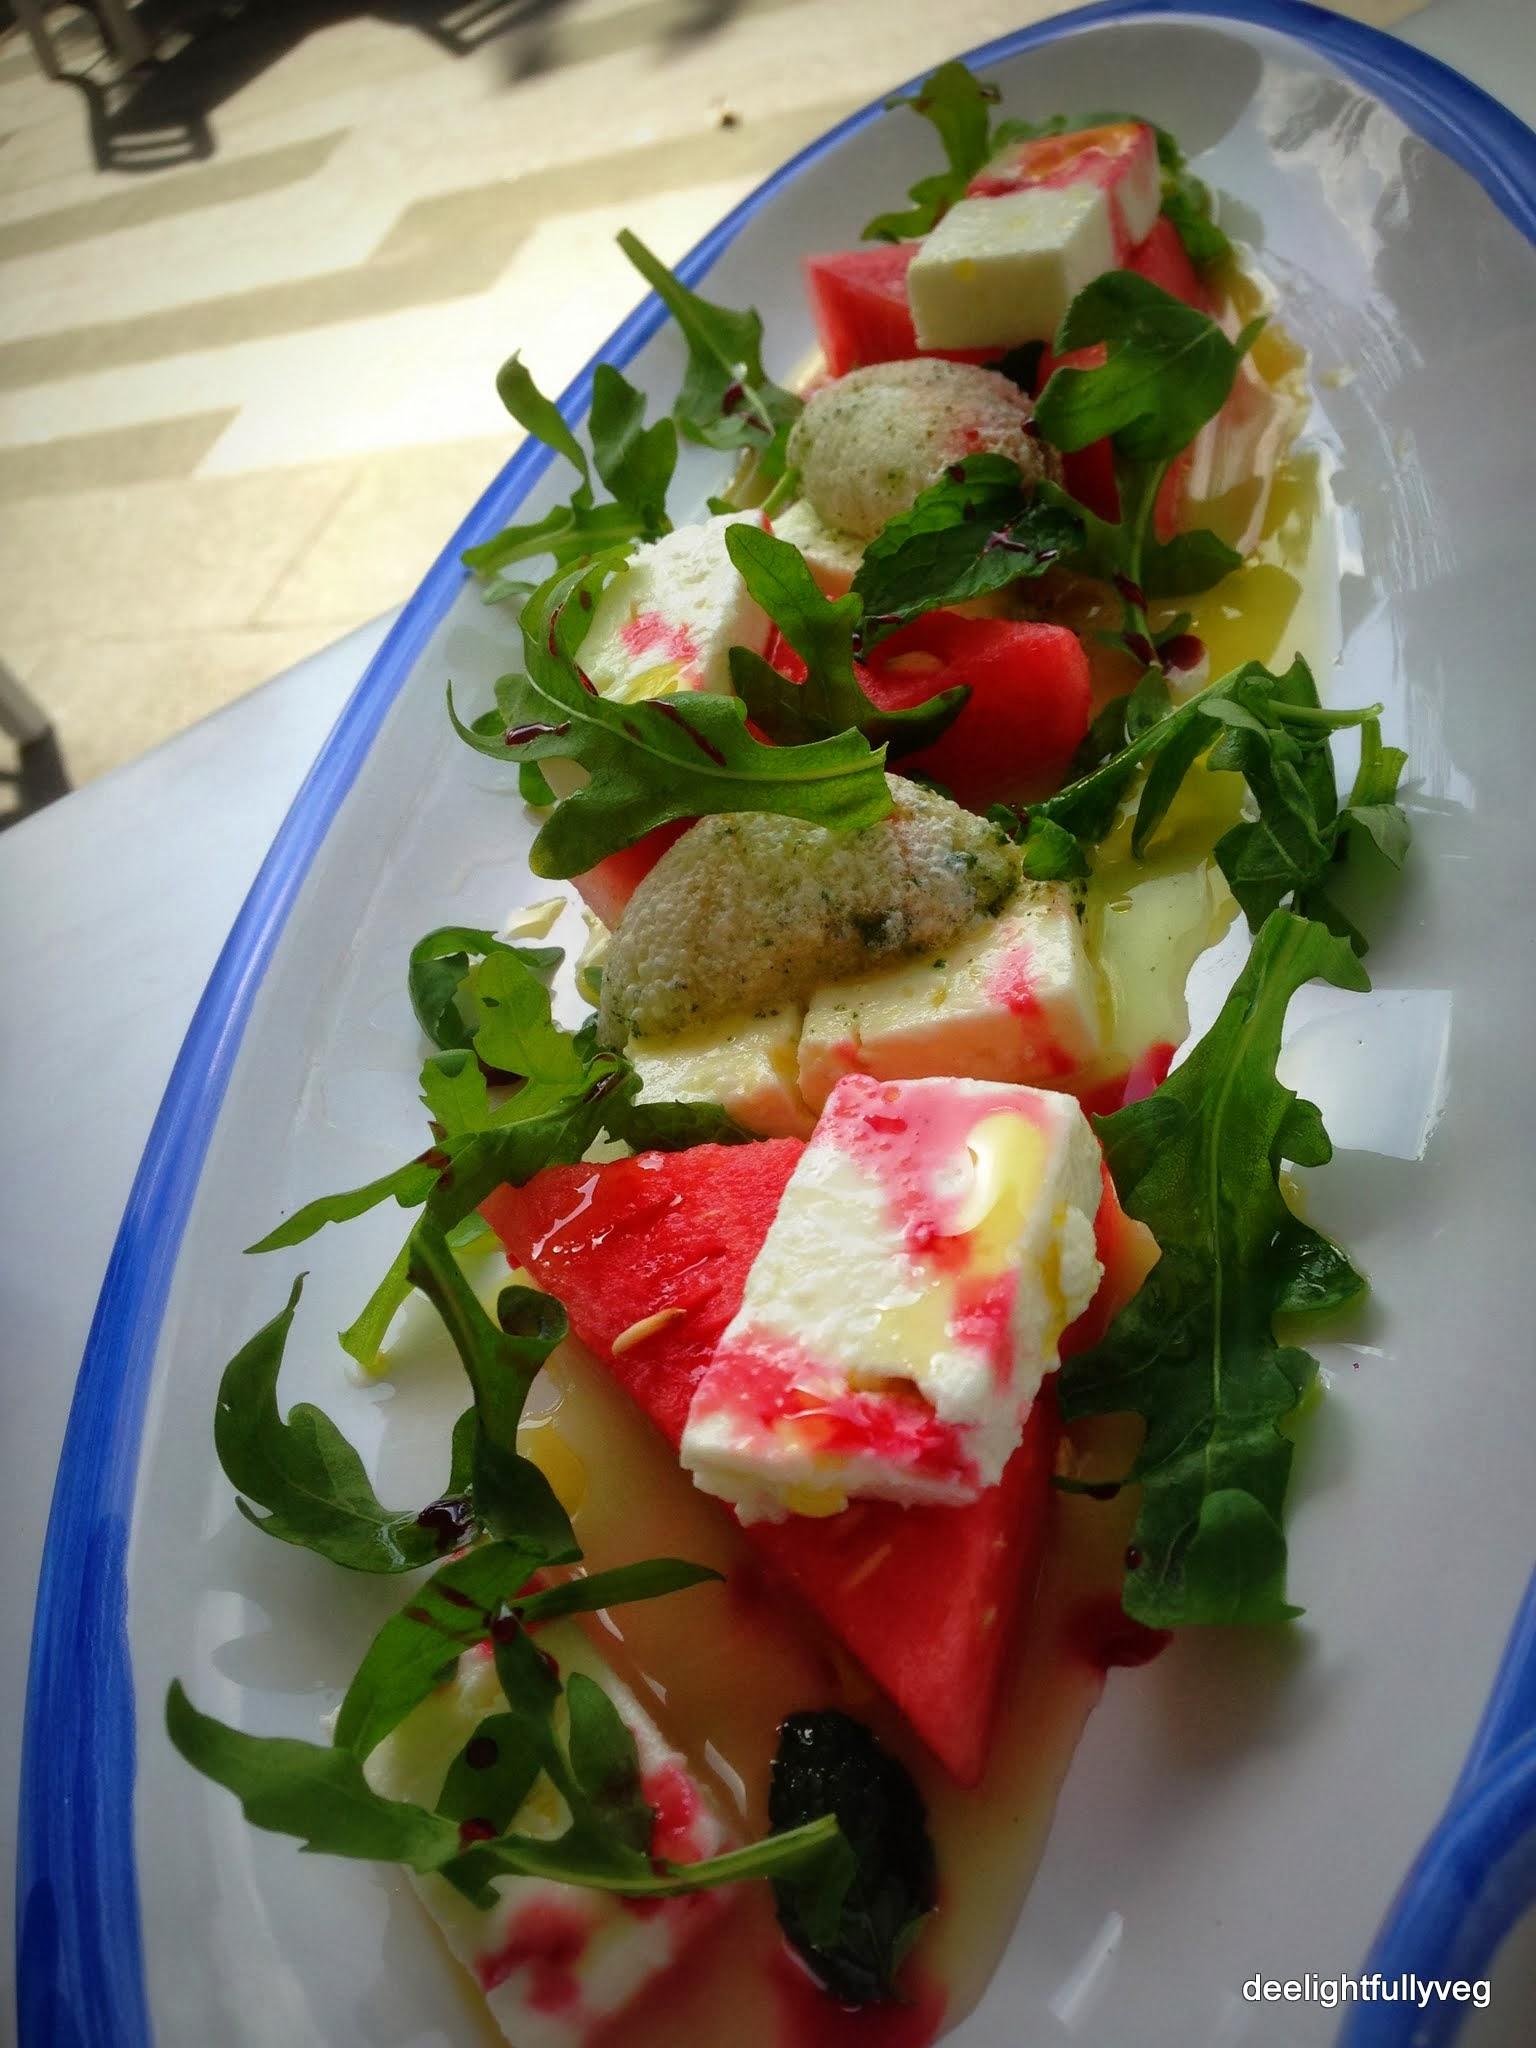 Feta cheese and watermelon salad at $17.90